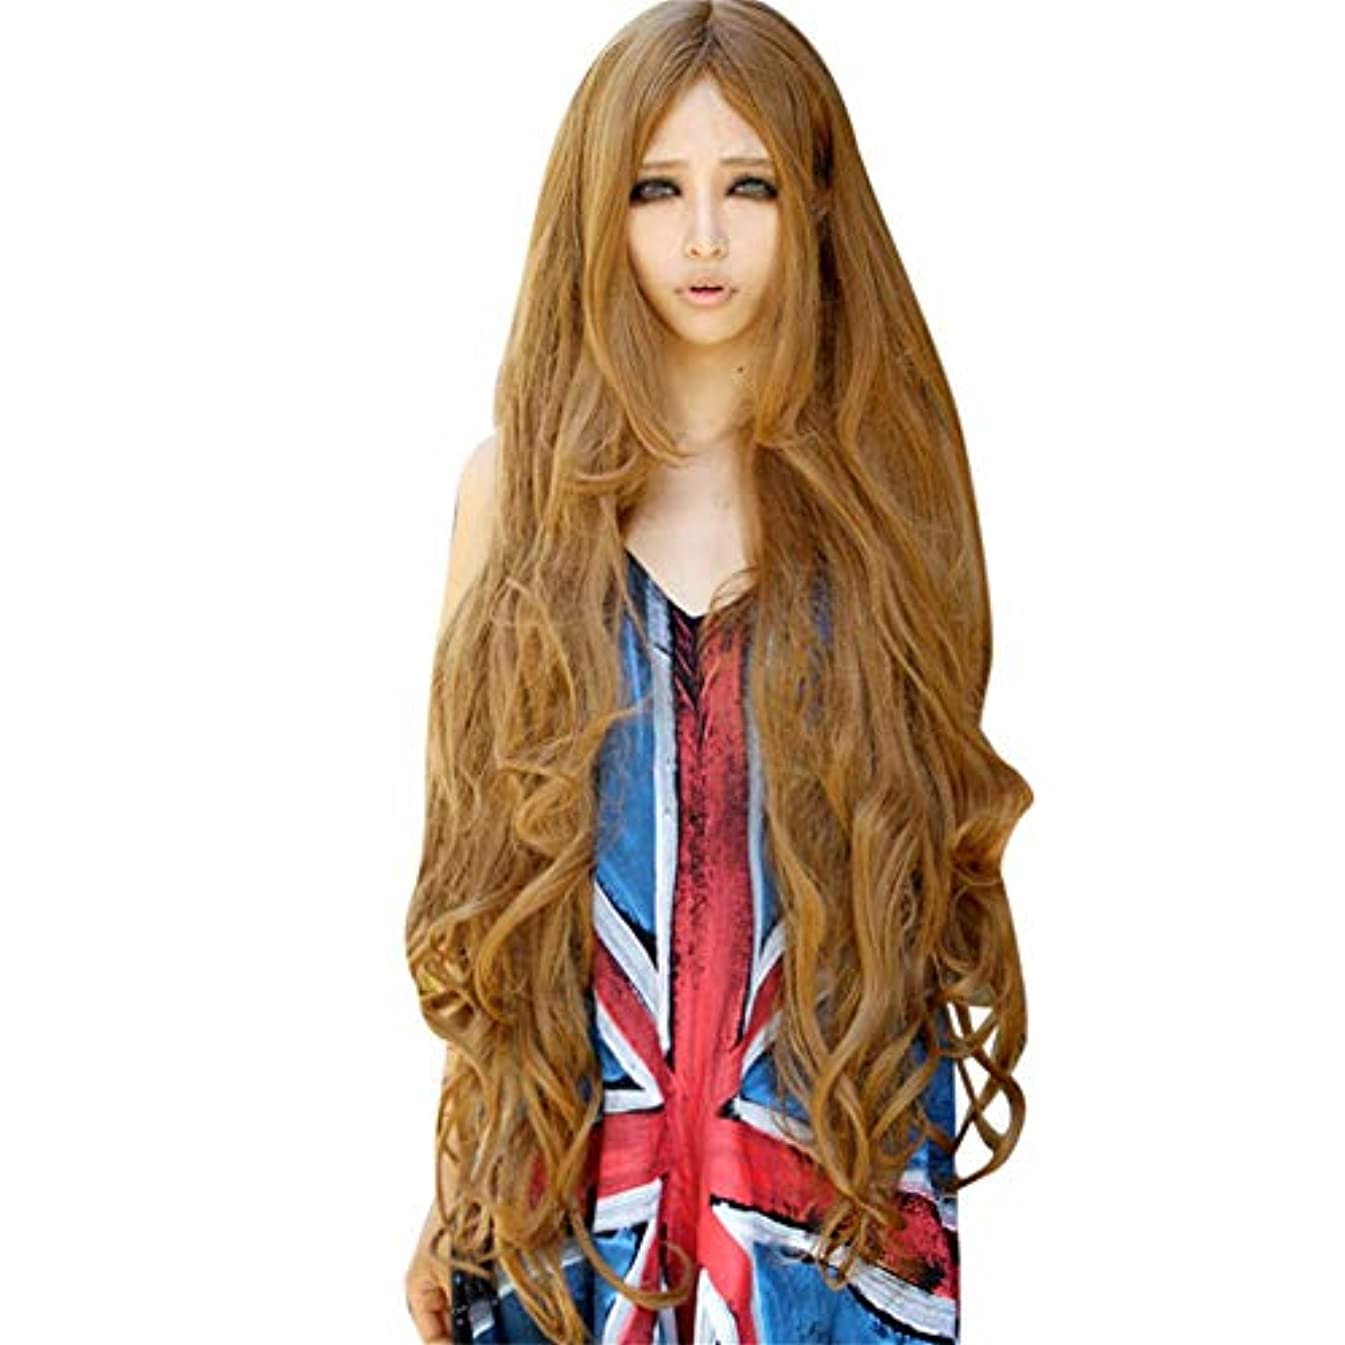 エジプト口ひげ患者かつらゴールド長い巻き毛ナチュラルかつらファッションパーティーかつら100CM